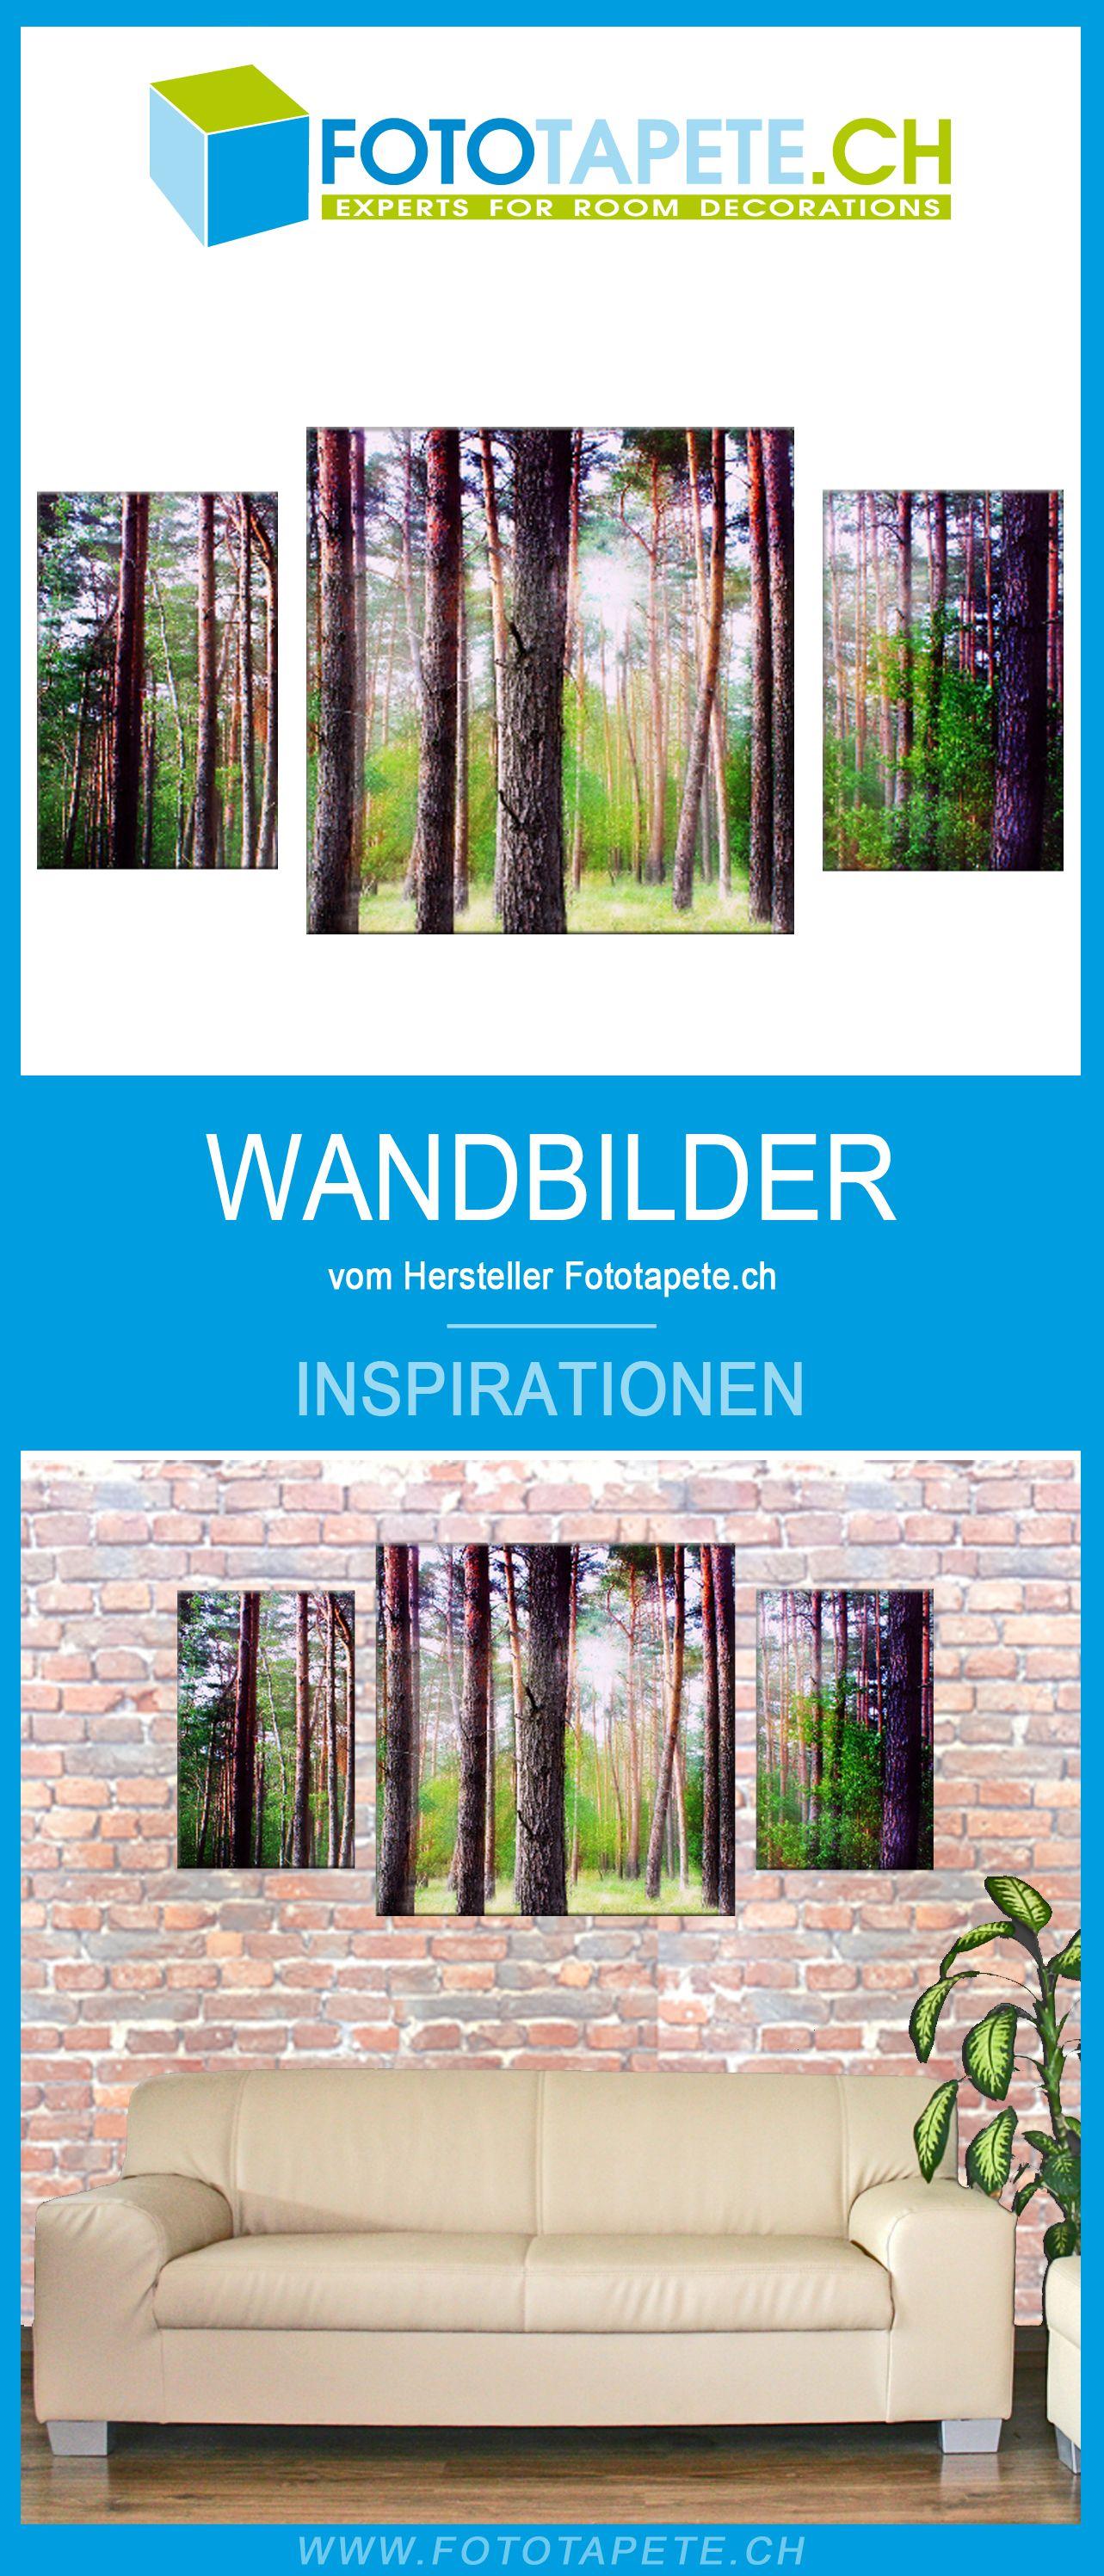 wald wandbild das mehrteilige leinwandbild fur dein zuhause wandgestaltung furs wohnzimmer wandbilder waldbilder bilder leinwand groß bestellen 40x60